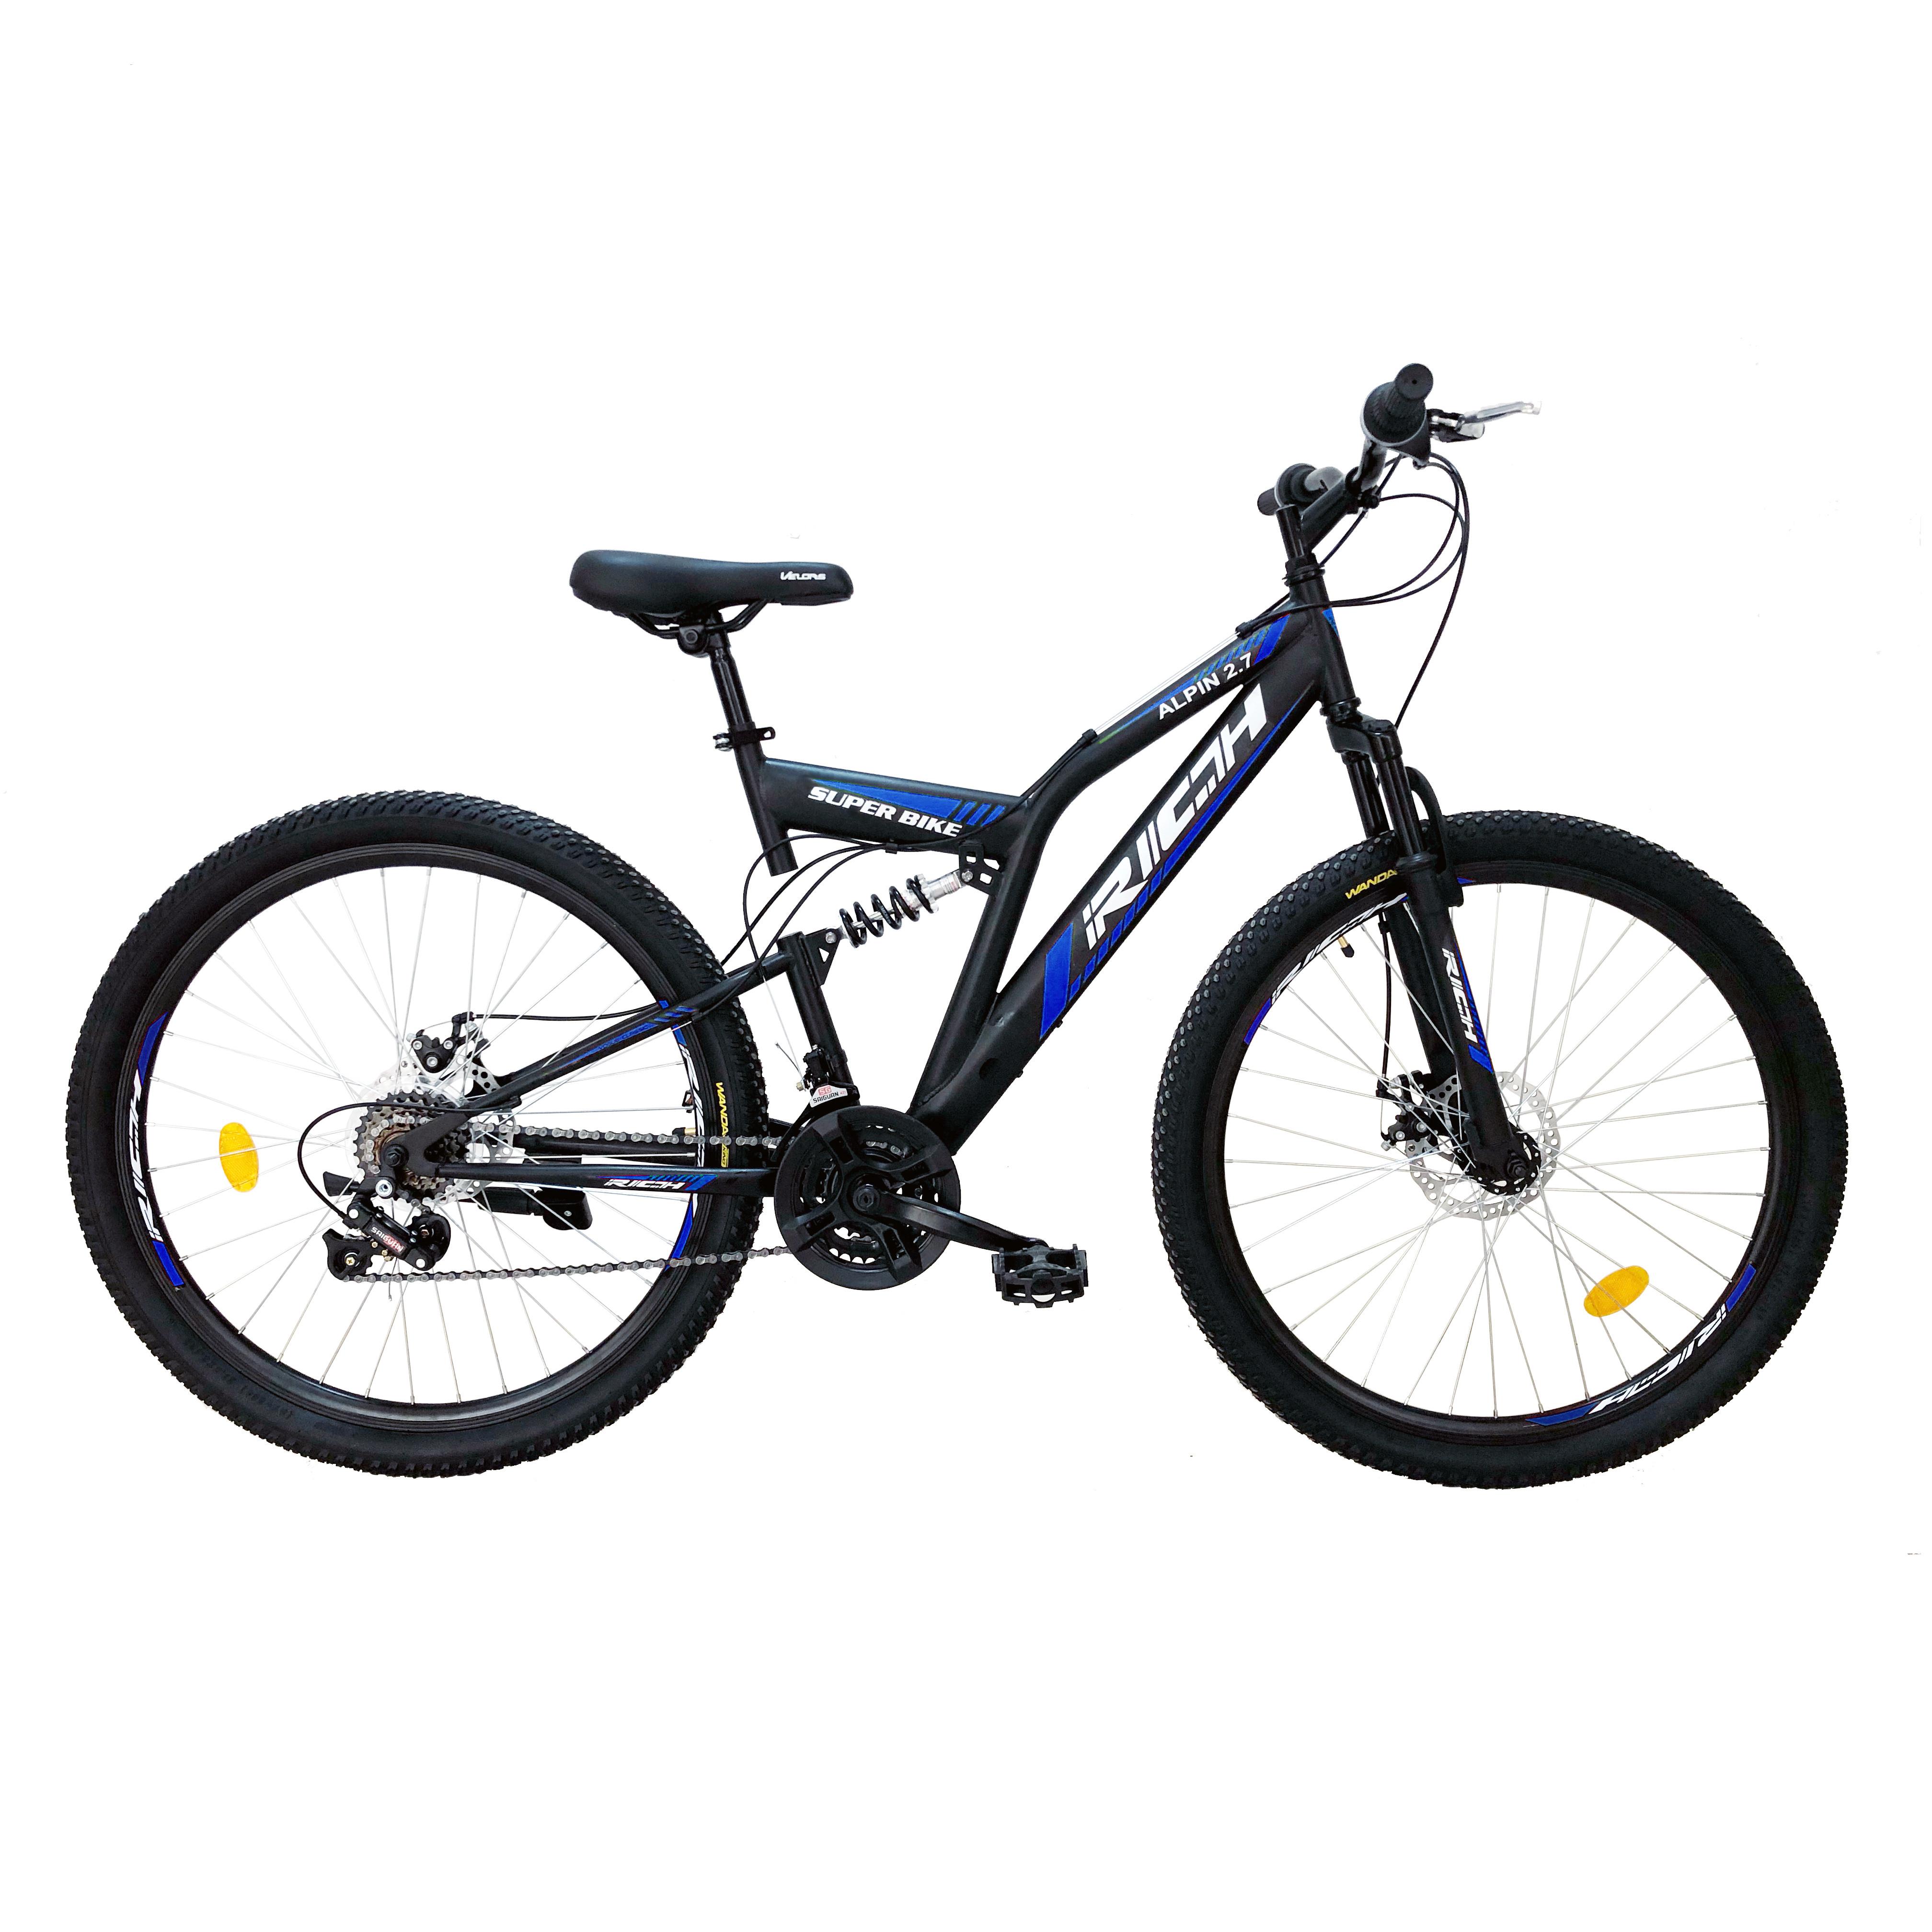 """Bicicleta munte, dubla suspensie, RICH R2750D, roata 27.5"""", frana disc, 18 viteze, negru/albastru 0"""